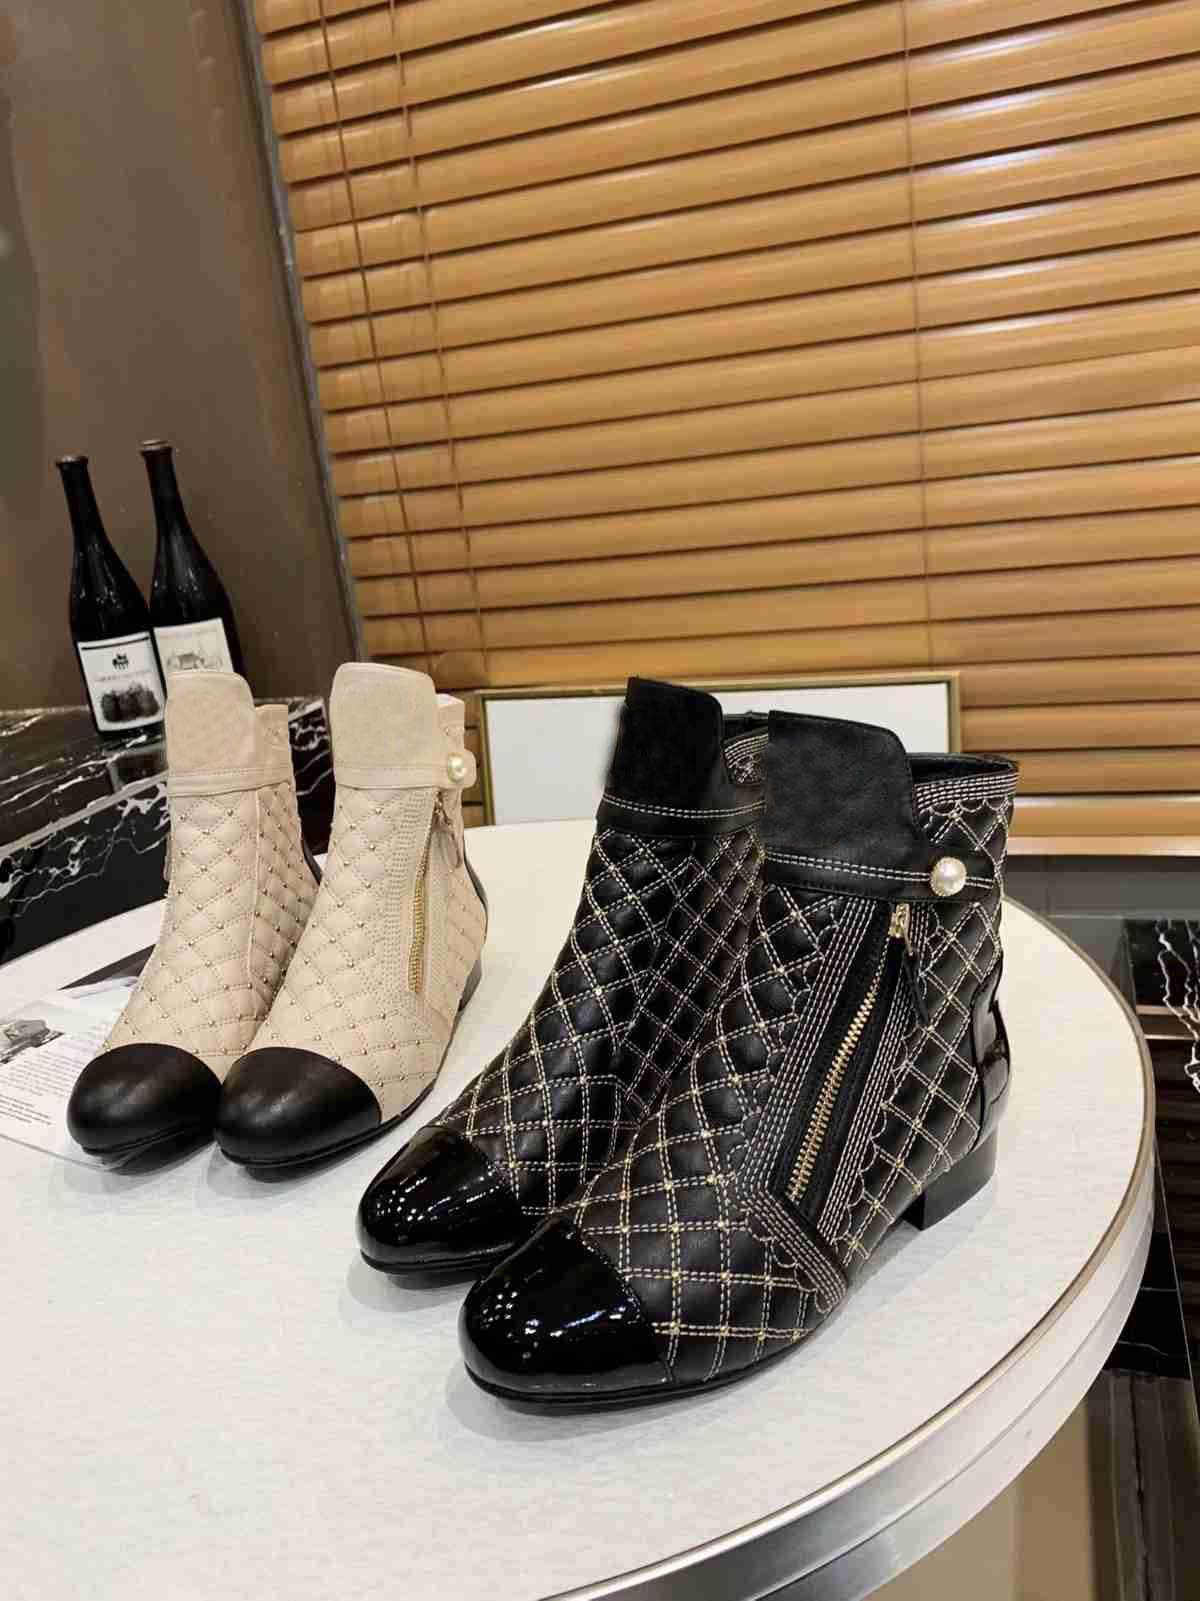 Mode für Frauen reale Stiefel Winter-echtes Leder-Plattform-Dame-Absatz-Freizeitschuhe Booties Freies Verschiffen für weibliche